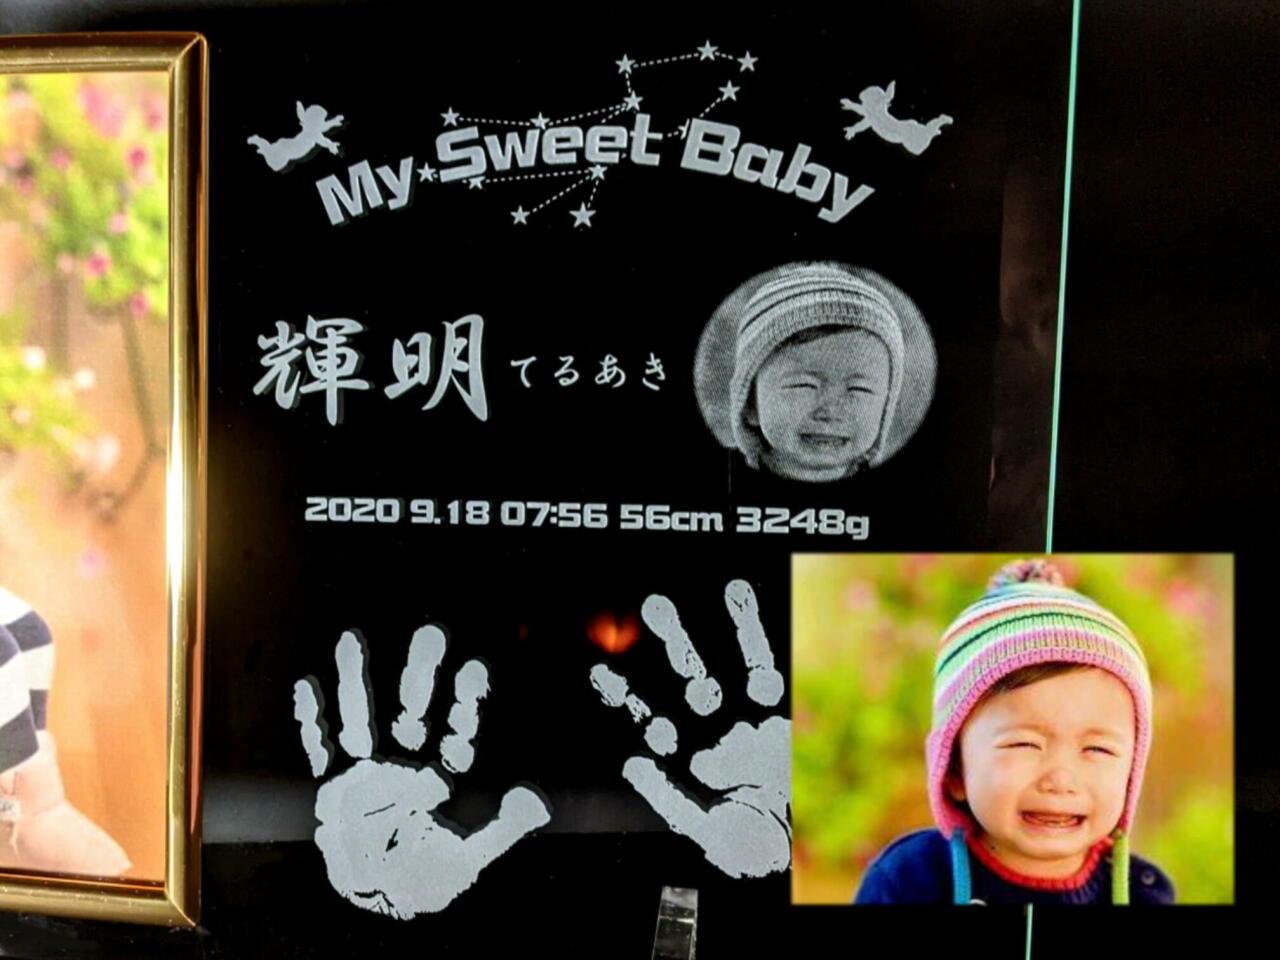 <2L版 >赤ちゃんの手形(足形)&星座のエッチングフォトフレーム